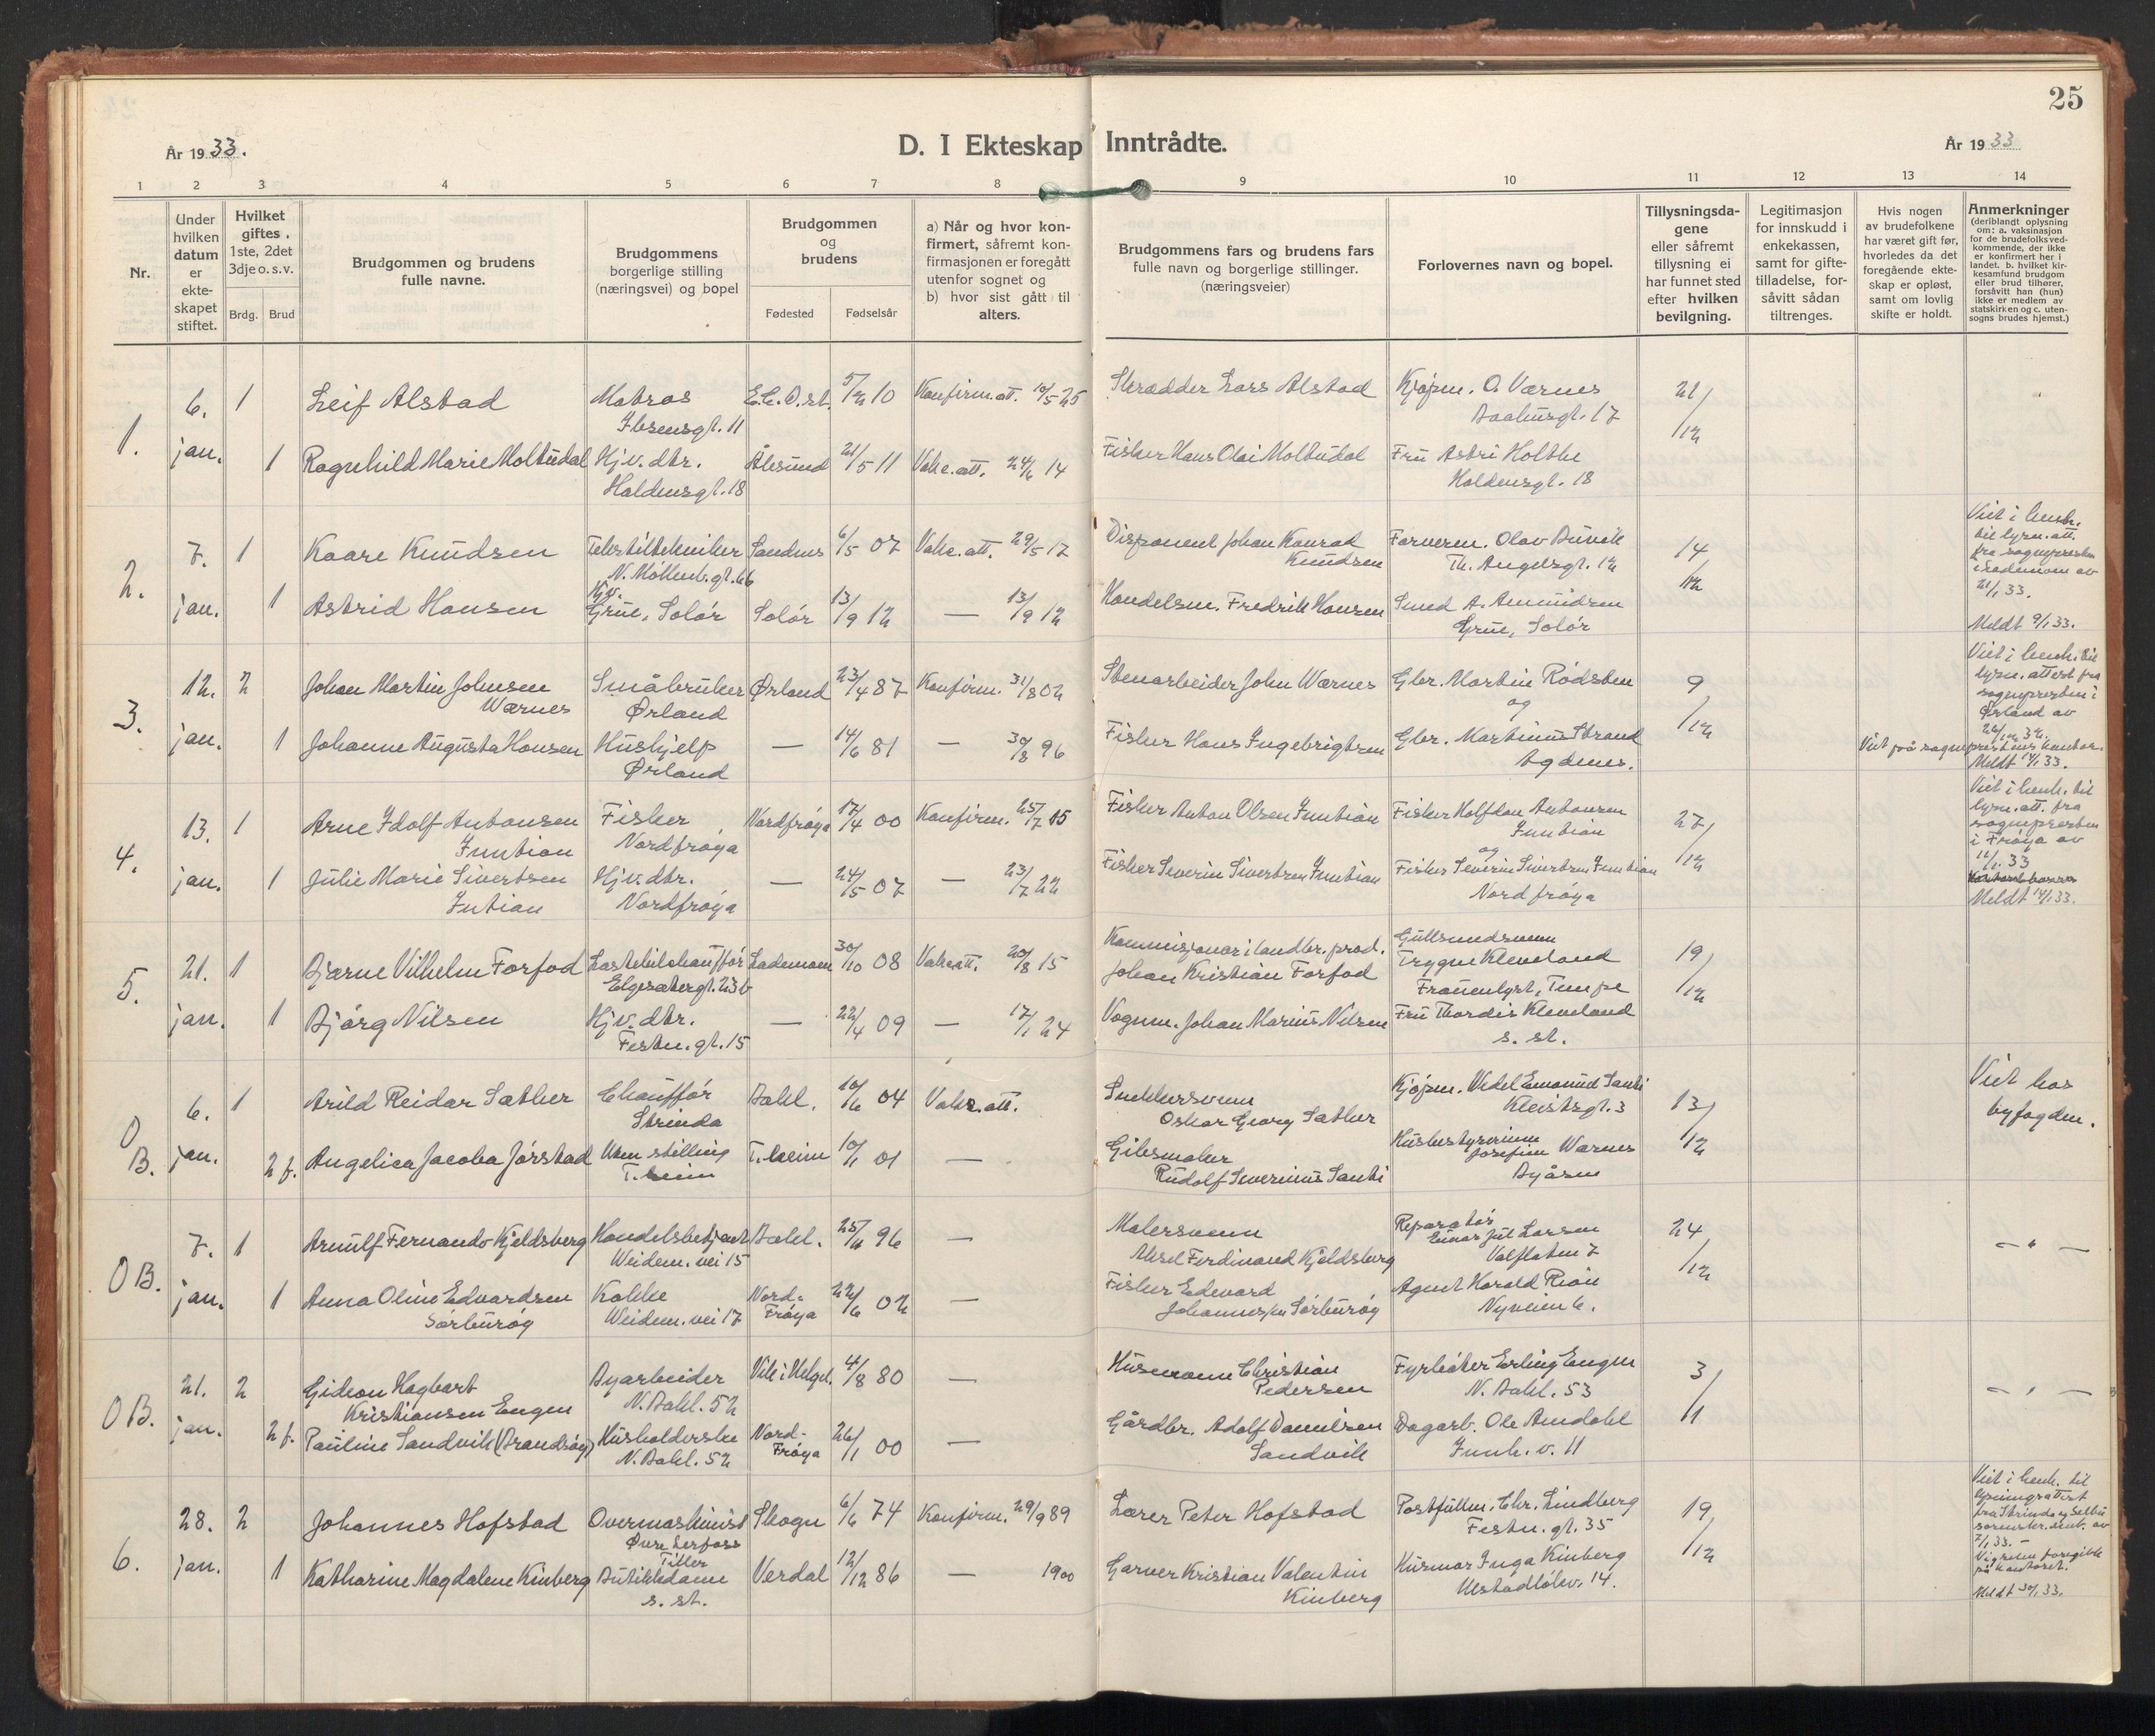 SAT, Ministerialprotokoller, klokkerbøker og fødselsregistre - Sør-Trøndelag, 604/L0209: Ministerialbok nr. 604A29, 1931-1945, s. 25